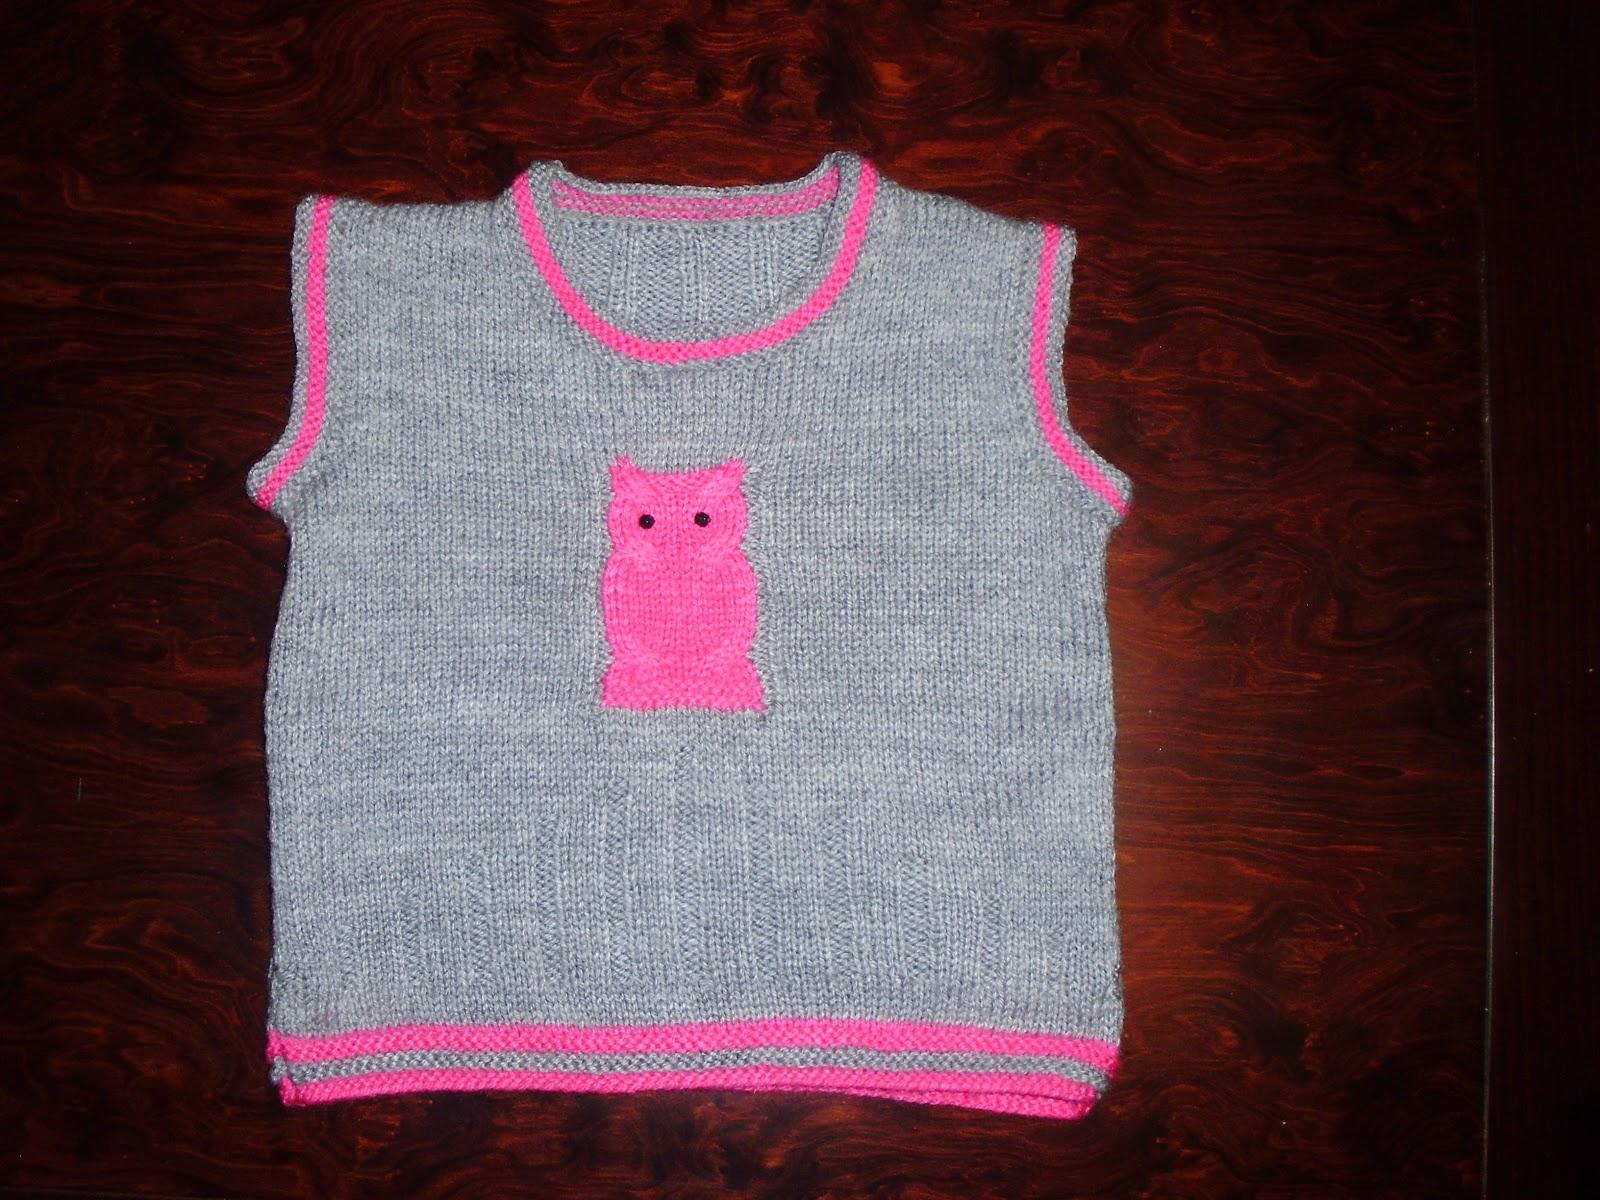 Victoria - Handmade Creations   Πλεκτό παιδικό αμάνικο πουλόβερ με ... 309257b857b